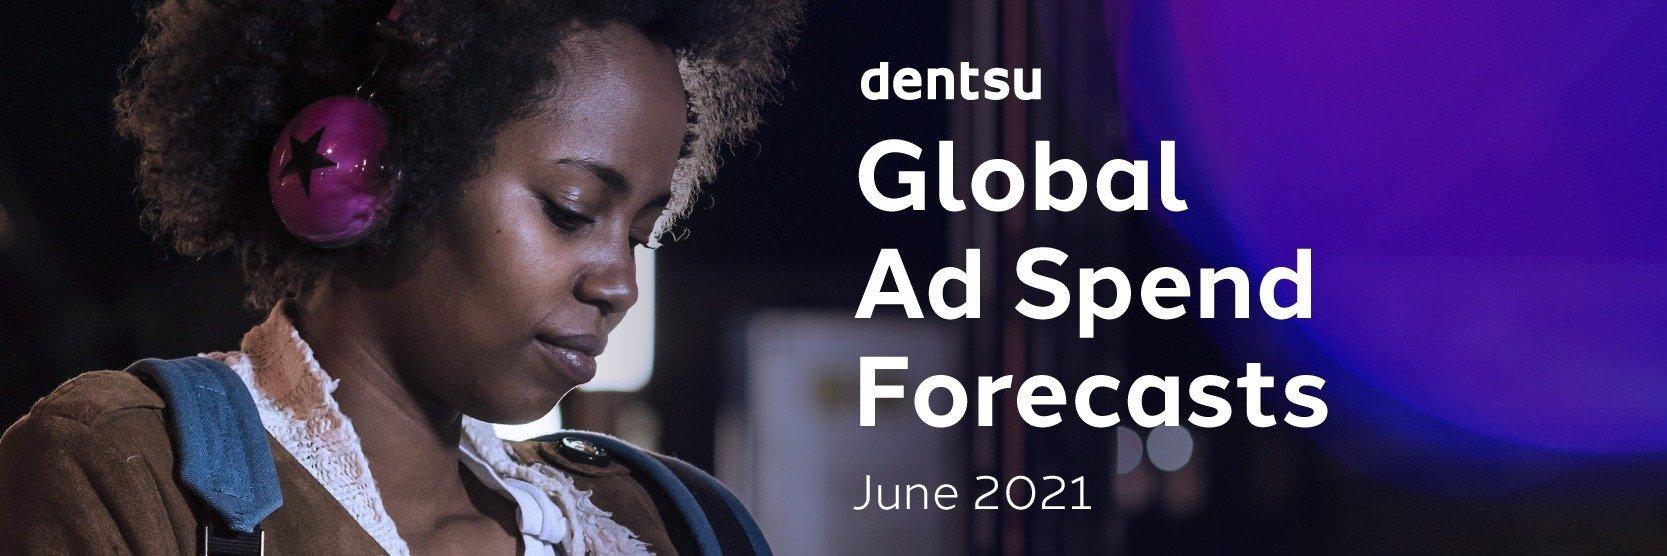 Wydatki reklamowe na świecie rosną szybciej niż prognozowano. W regionie CEE wzrosną o 8,9%.